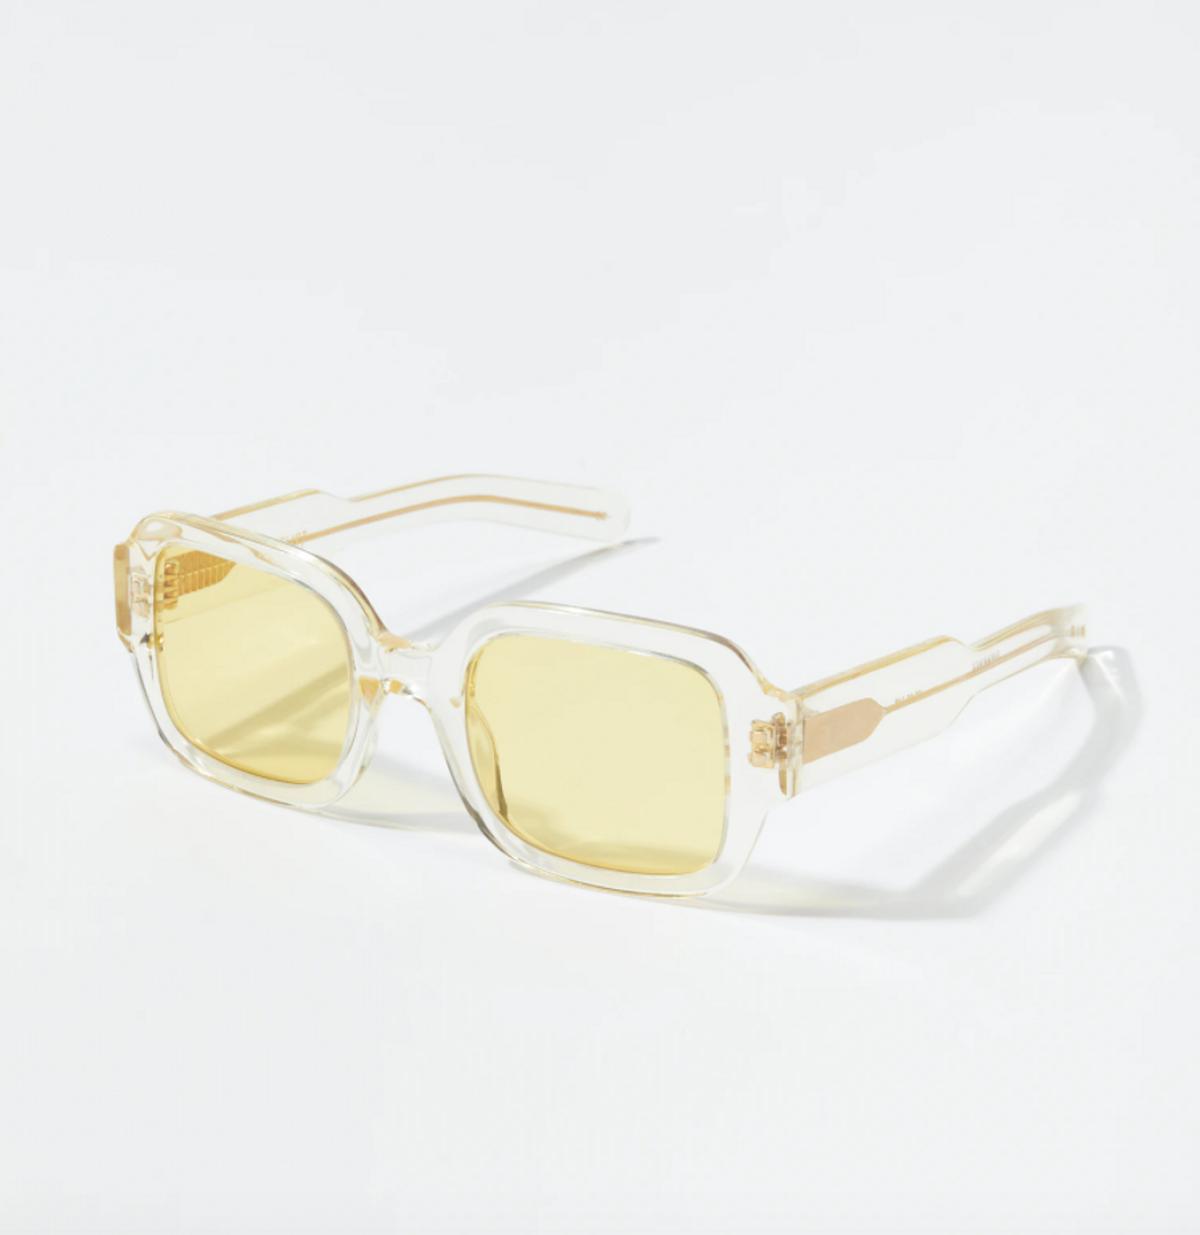 Tishkoff Square Sunglasses